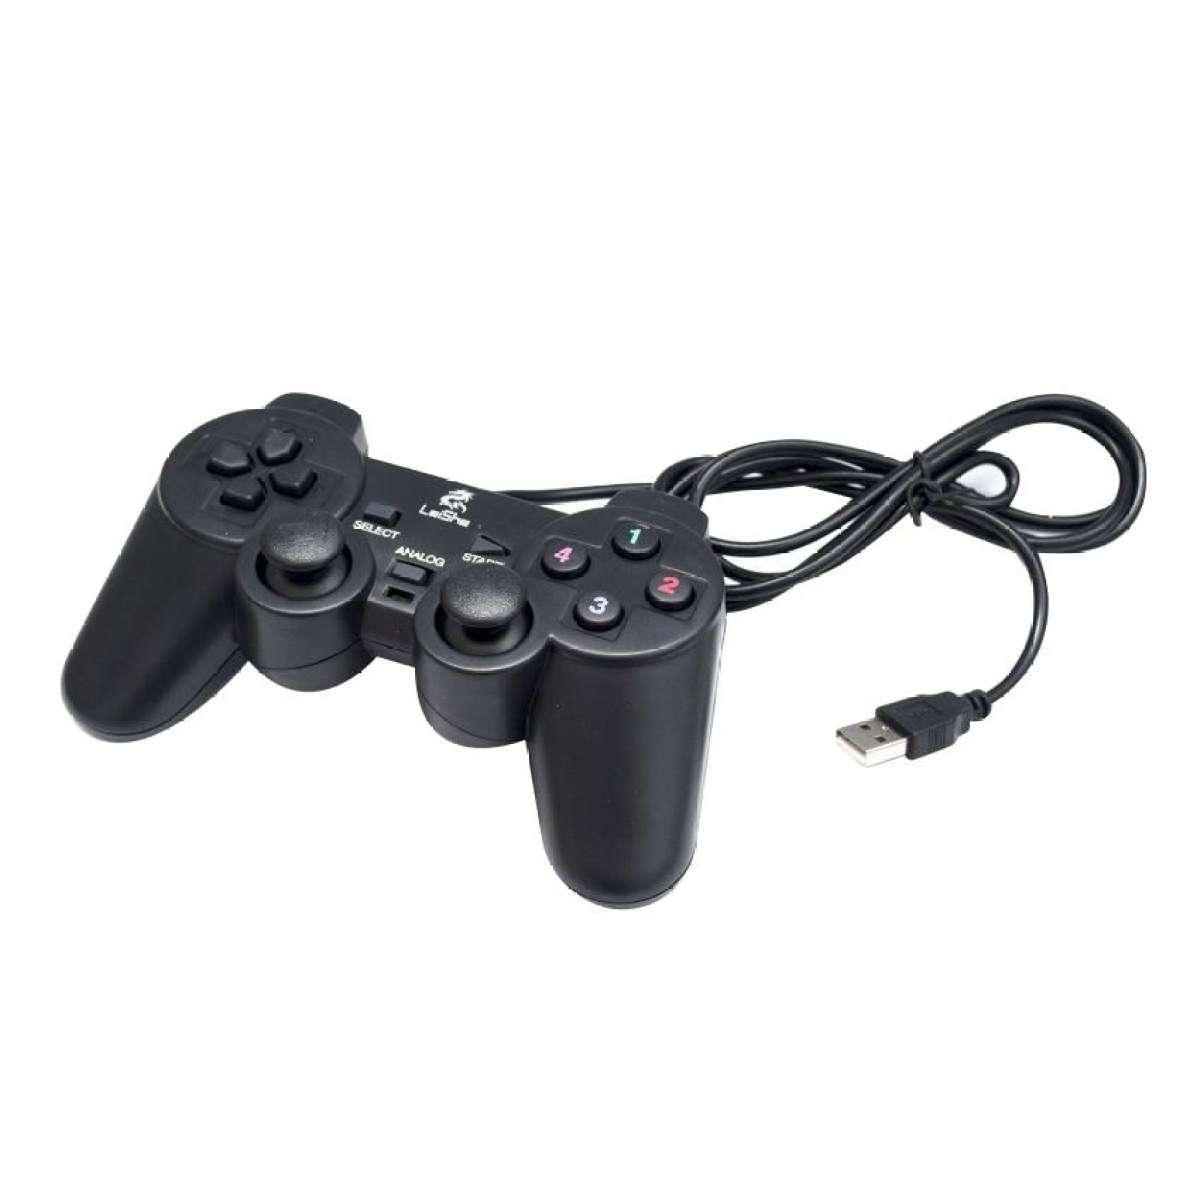 Black USB Joystick